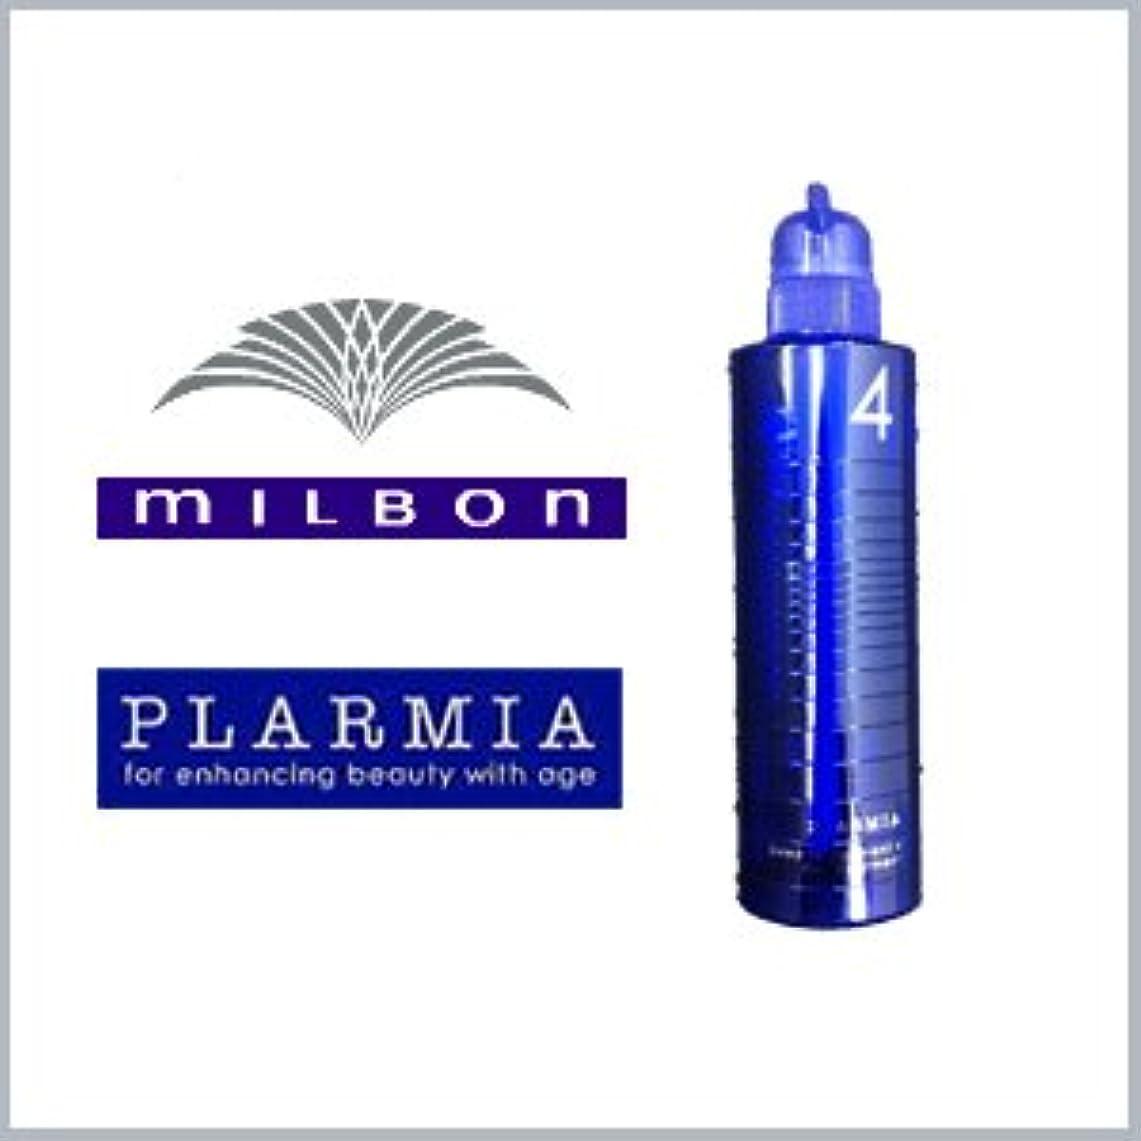 比較的ペン盆ミルボン プラーミア ディープエナジメント4 空容器 500g